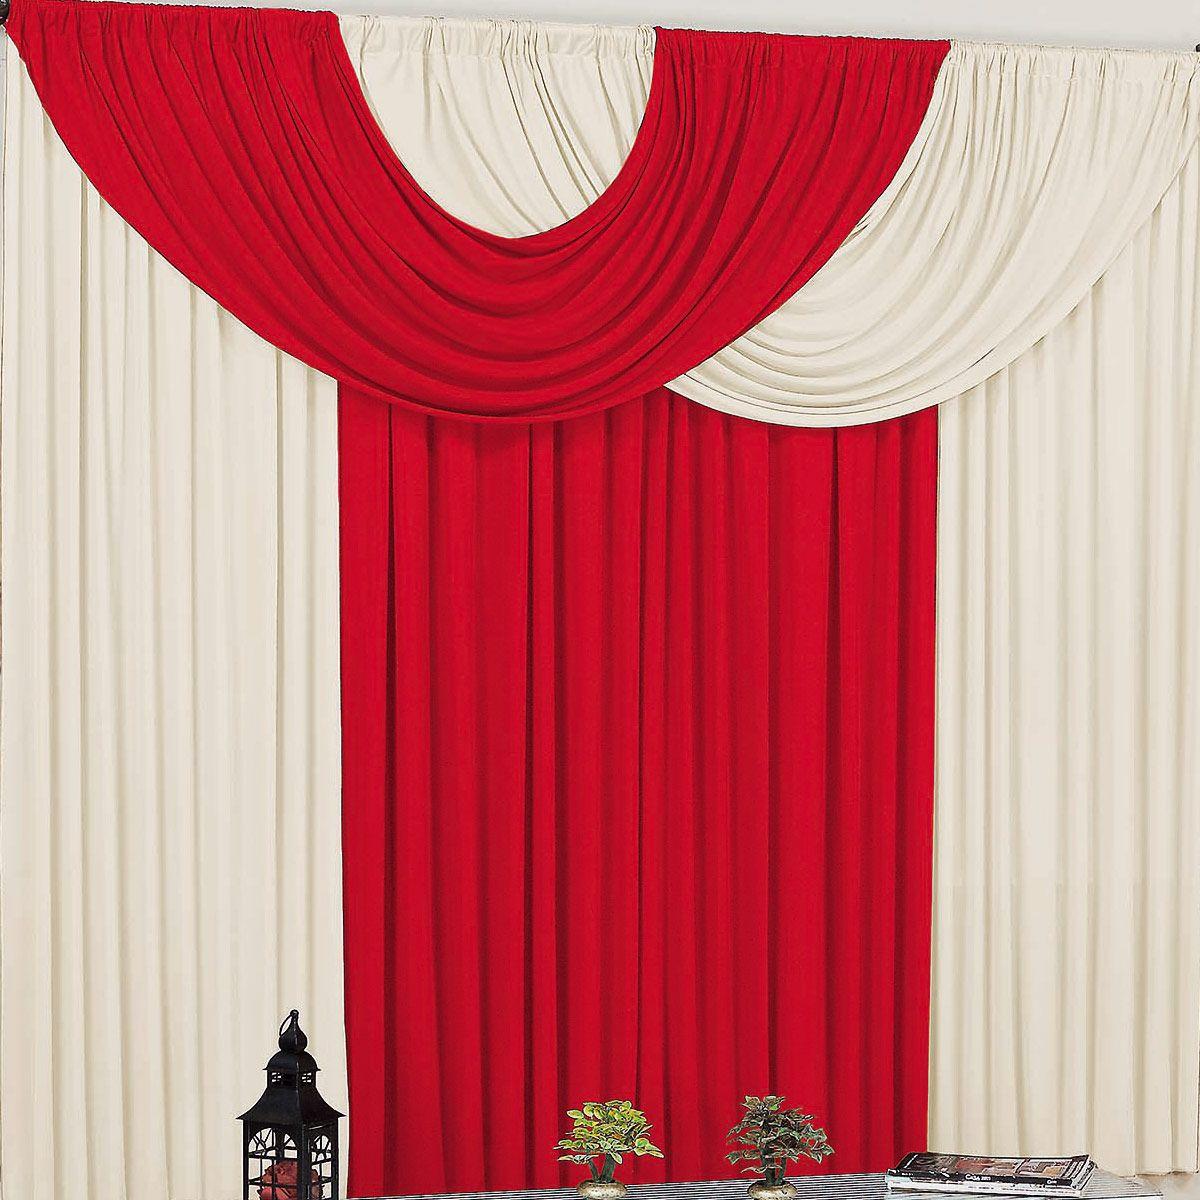 Cortina para Sala e Quarto Vermelho e Palha 3 metros em Malha varão Simples - Cortina Suellen